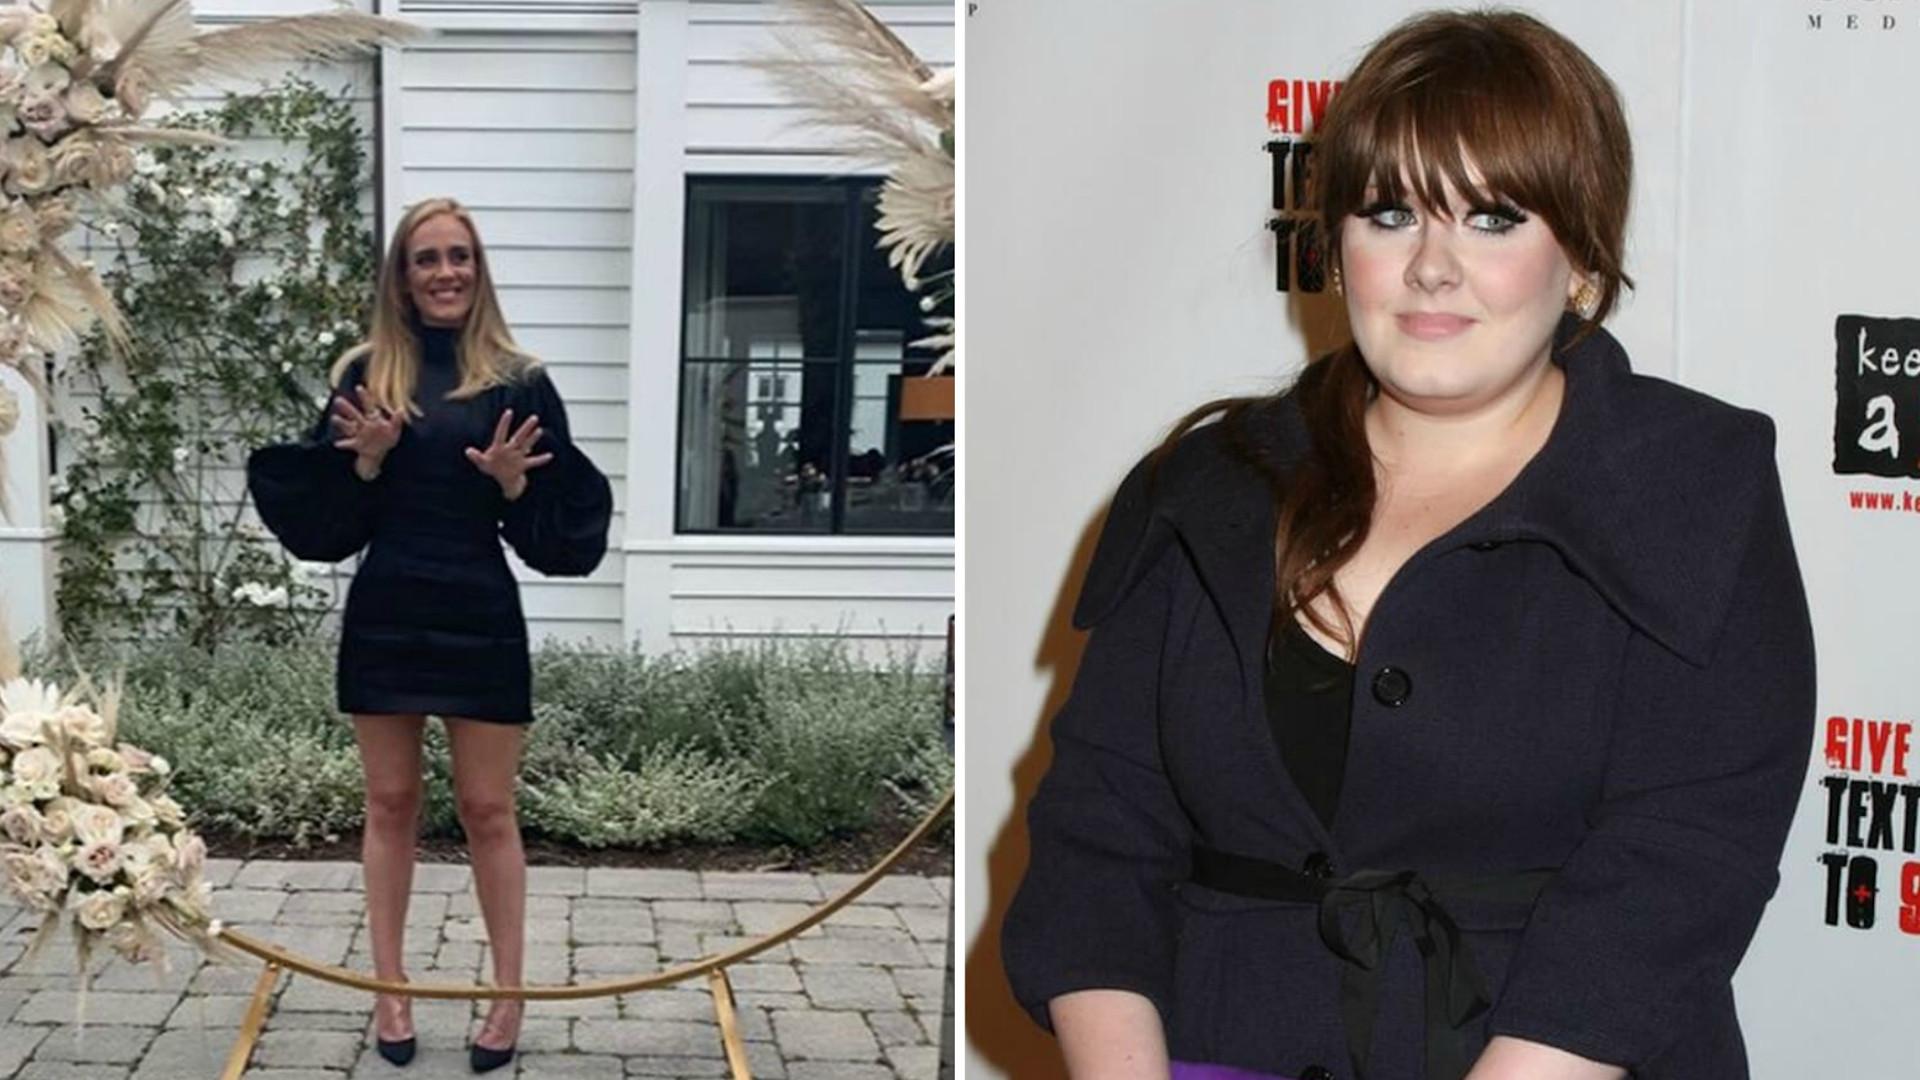 """Adele ma KOMPLEKSY i sceptycznie reaguje na pozytywne komentarze. """"Pracuje nad samooceną"""""""